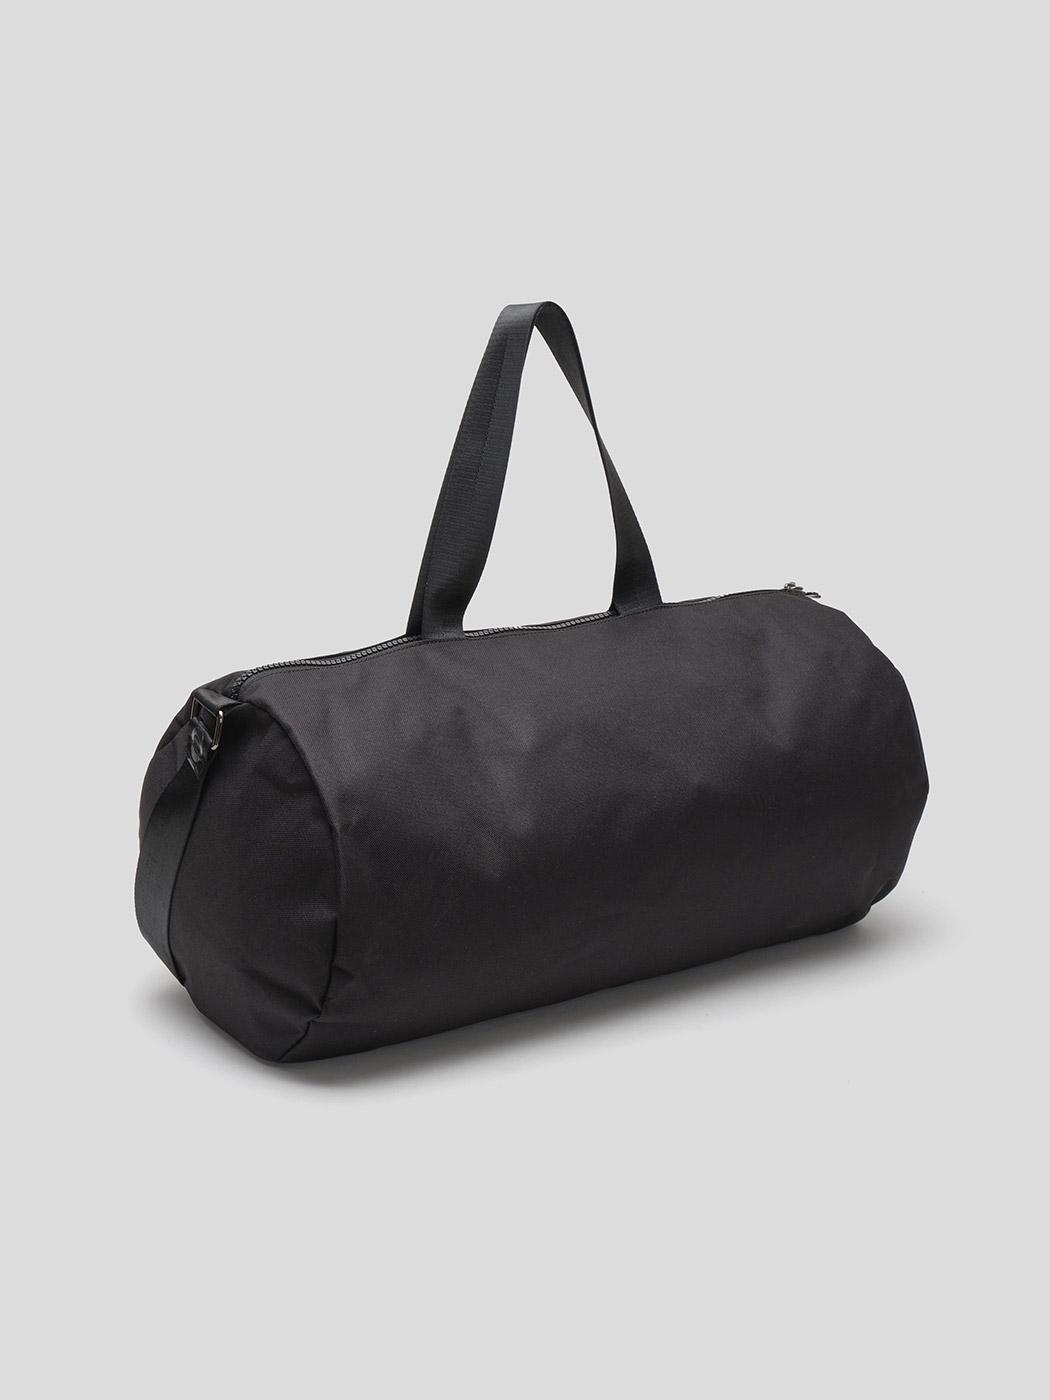 DUFFLE BAG - CDFA566 - COMME DES FKDOWN